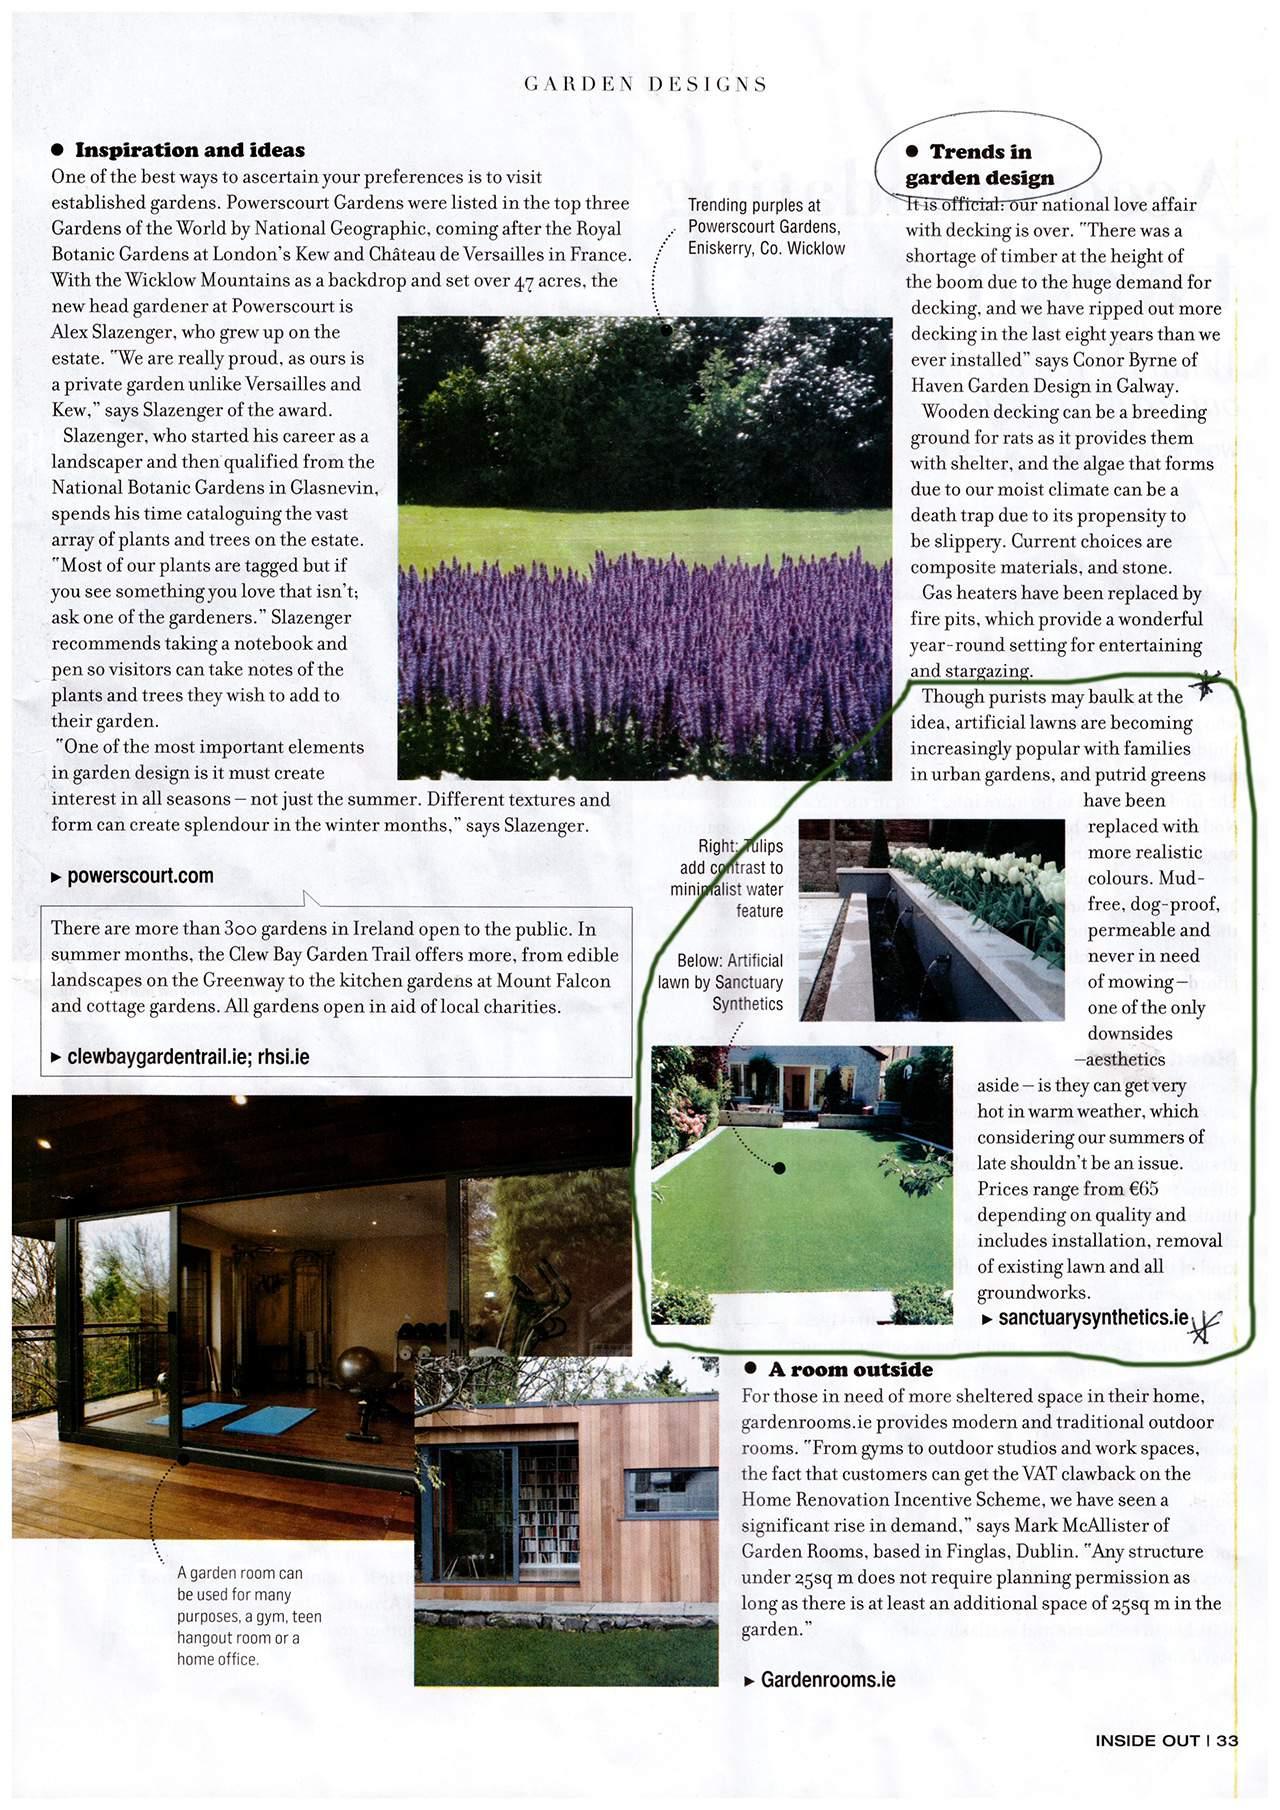 Irish Times Garden design trends 2015